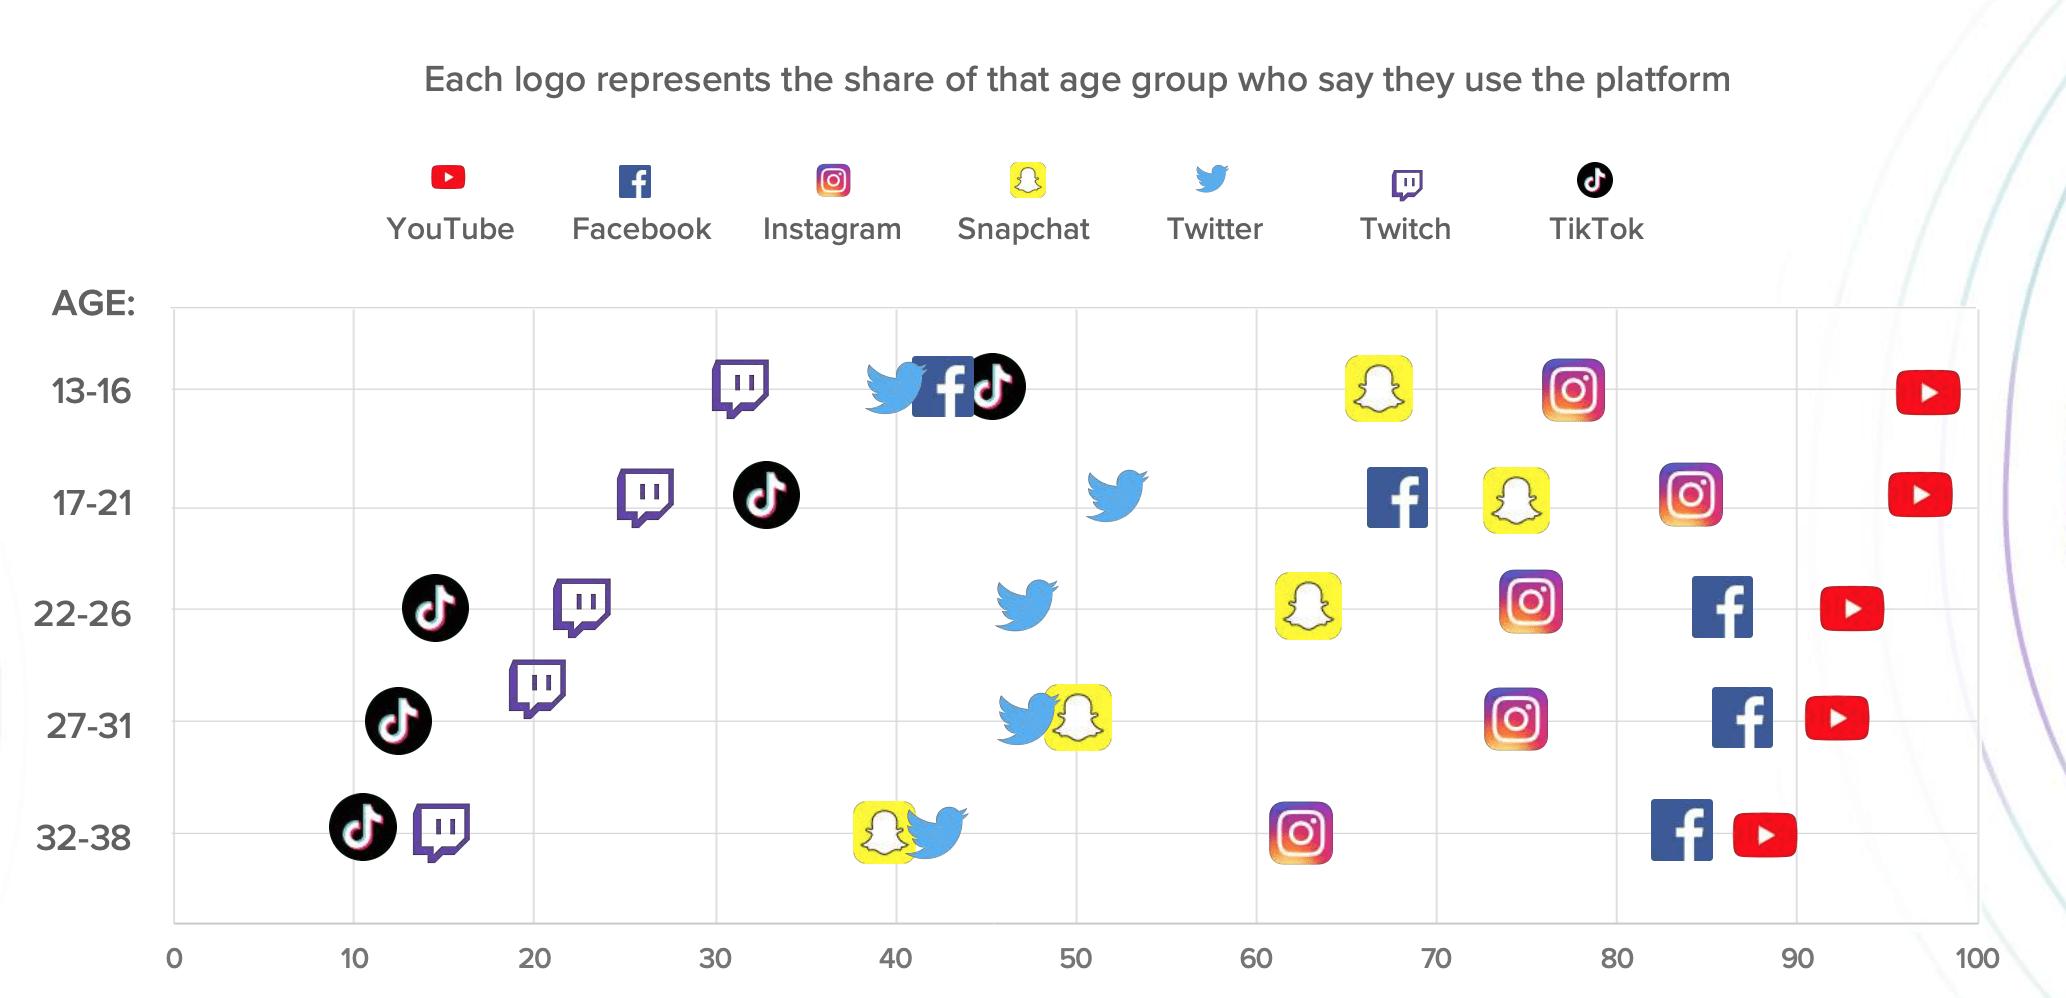 А вот та же карта по возрасту. У 13-16-летних подростков в топе TikTok и Twitch, стриминговая площадка.